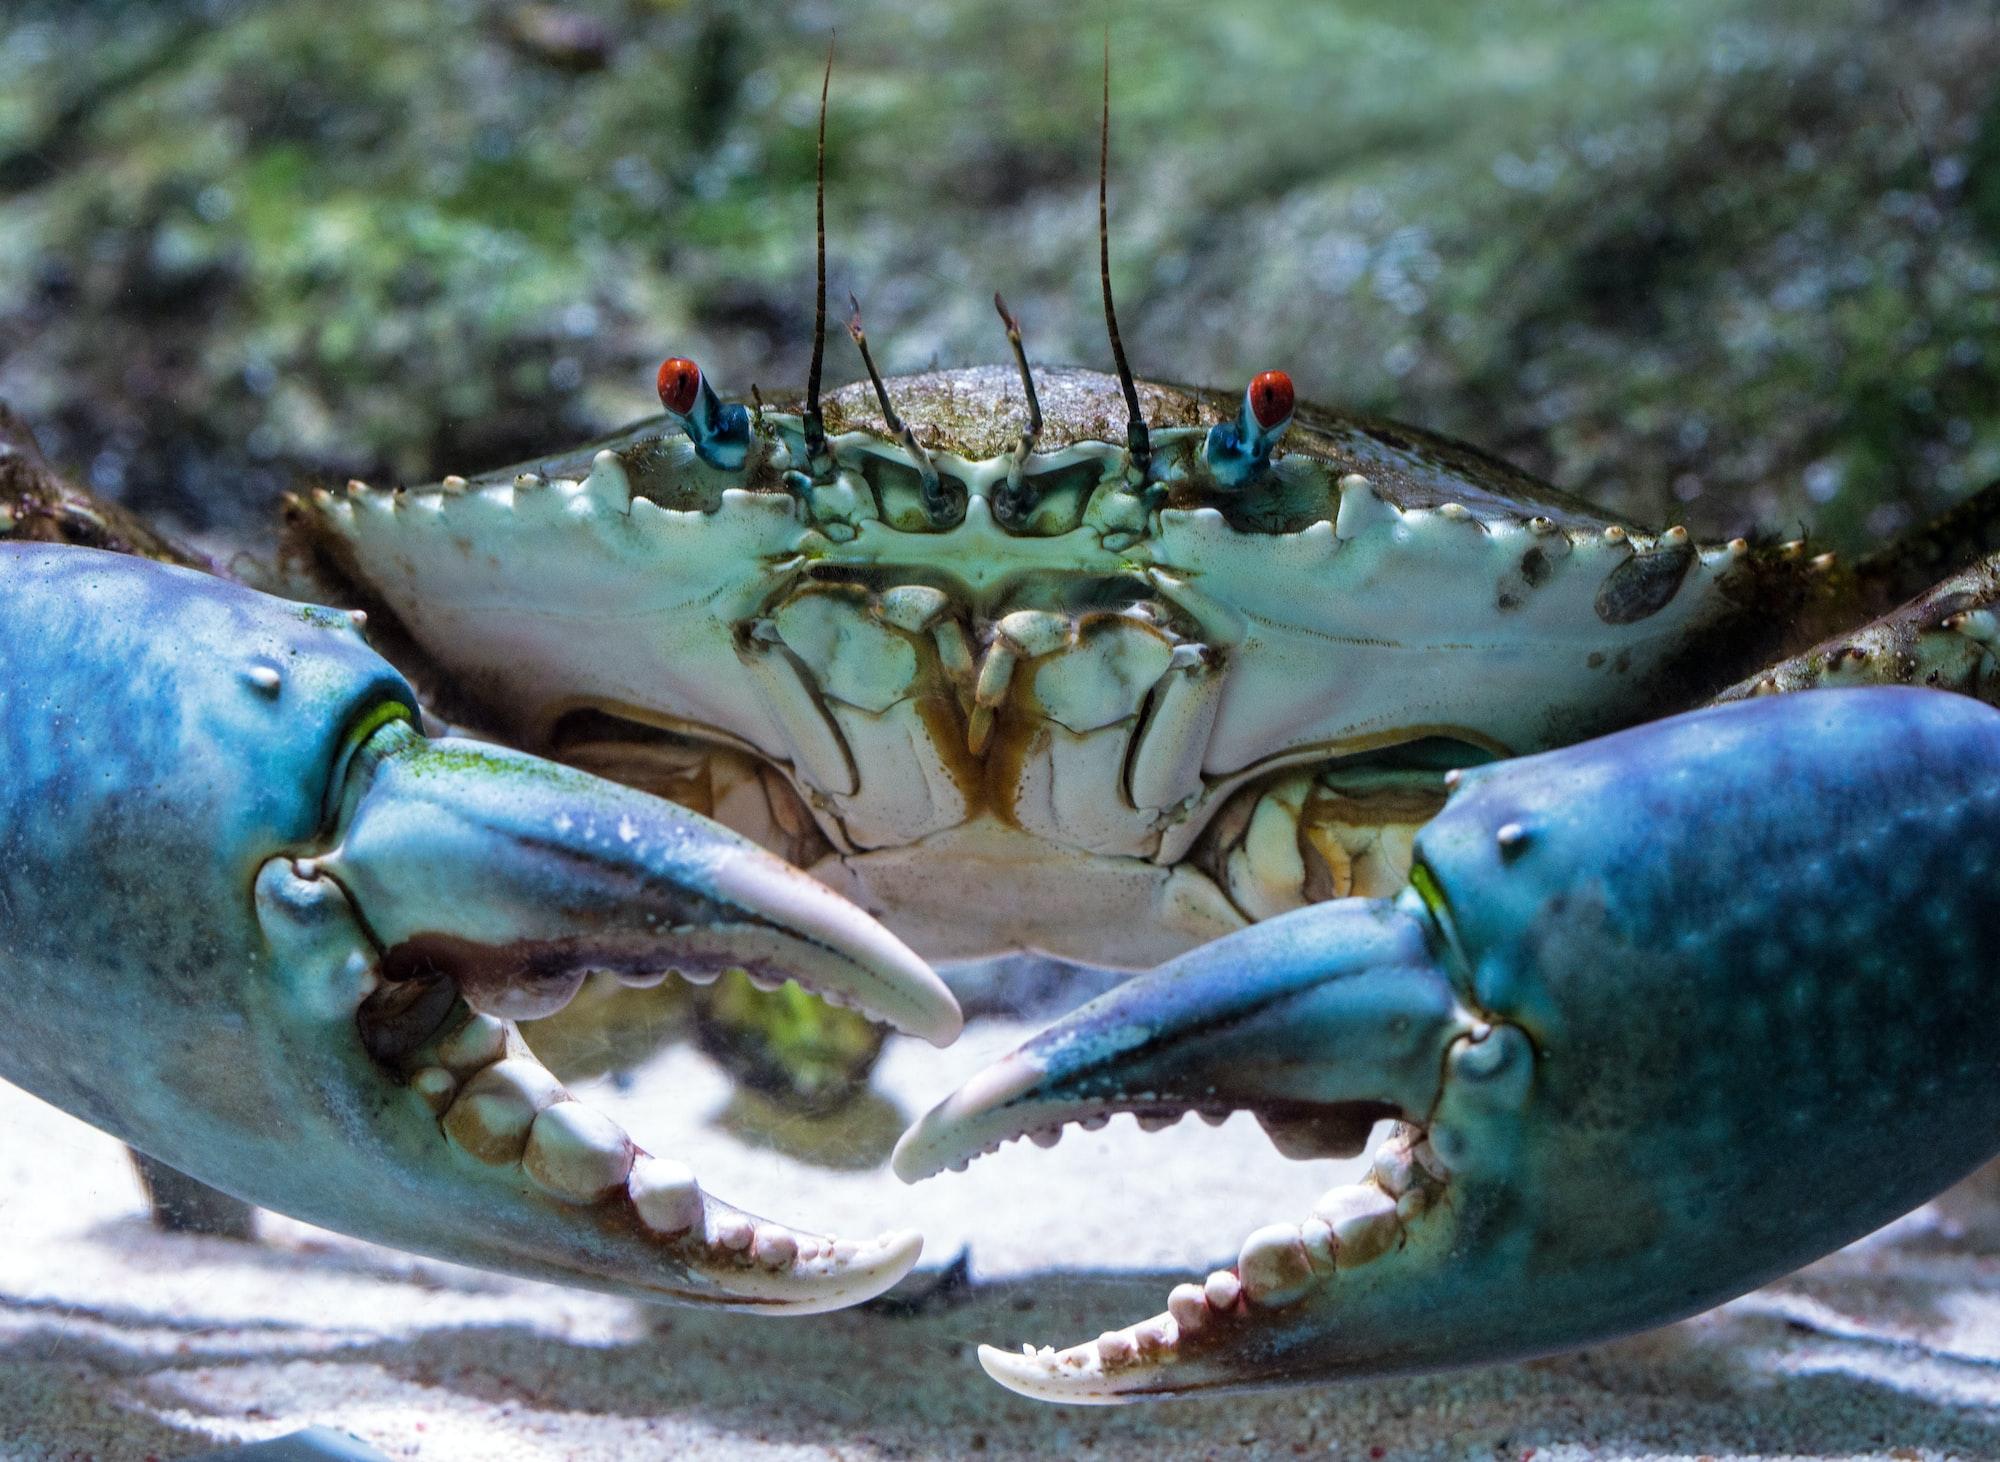 A Mud Crab shows off its impressive claws at the Cairns aquarium, Australia.